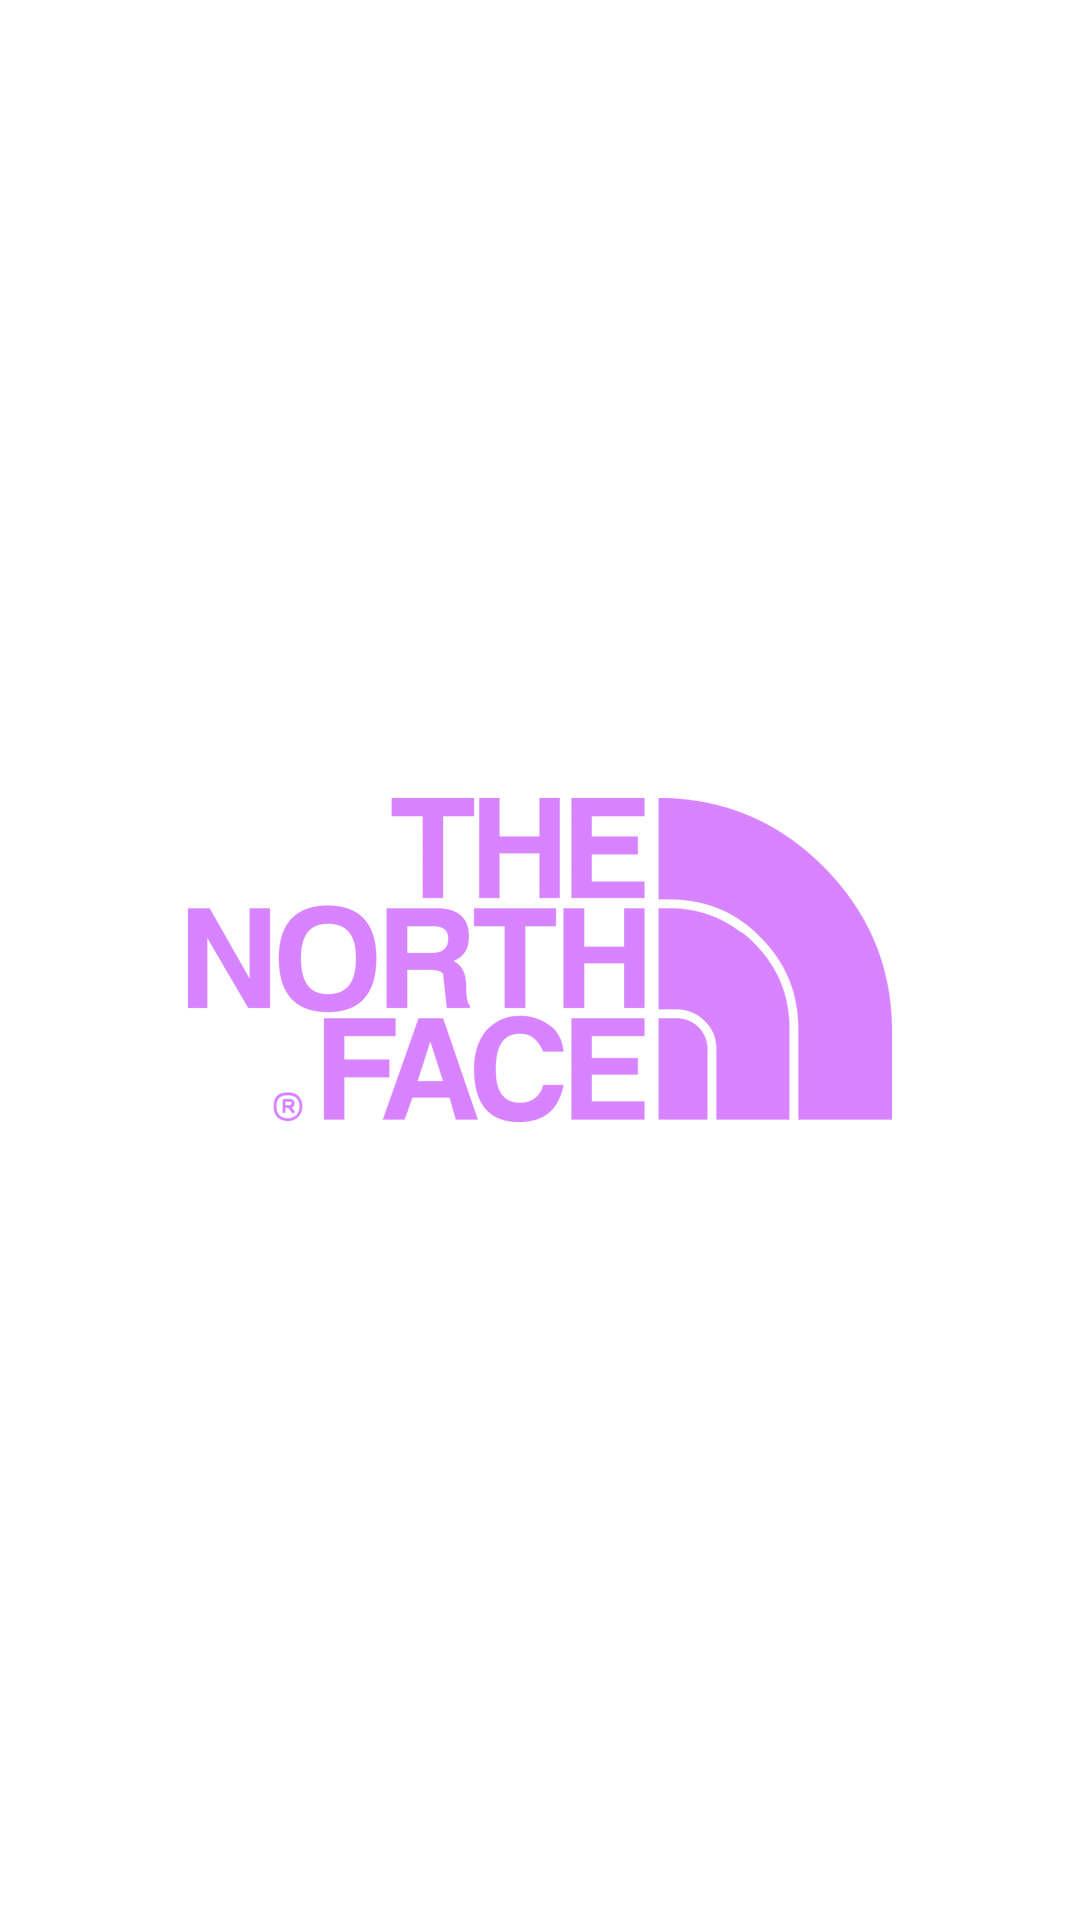 ザ ノース フェイス The North Face11 めちゃ人気 Iphone壁紙dj